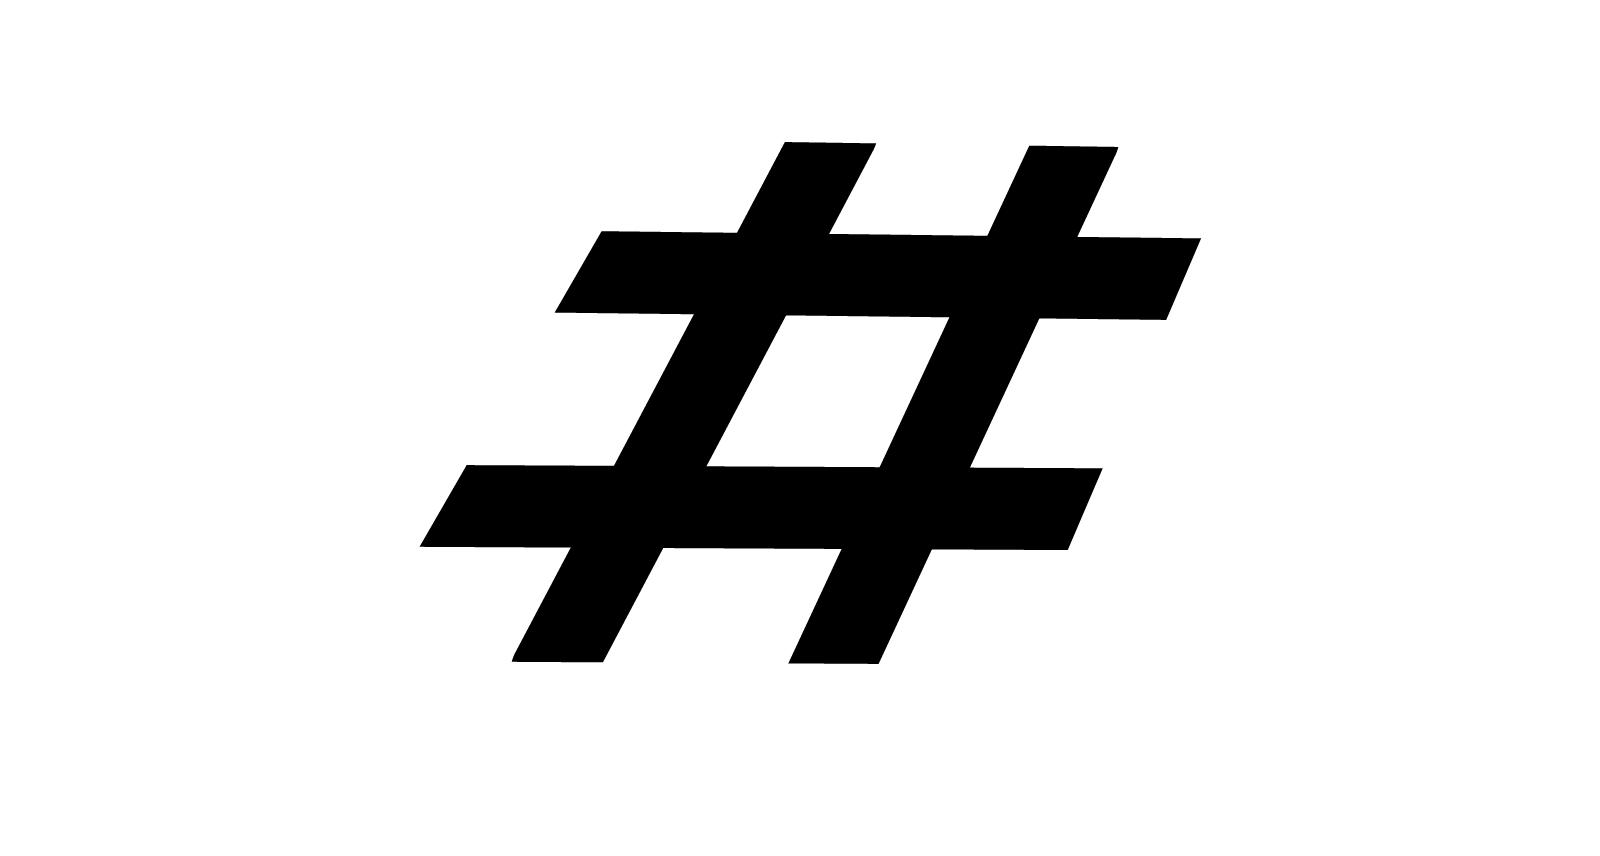 Hashtag steeds vaker als handelsmerk geregistreerd